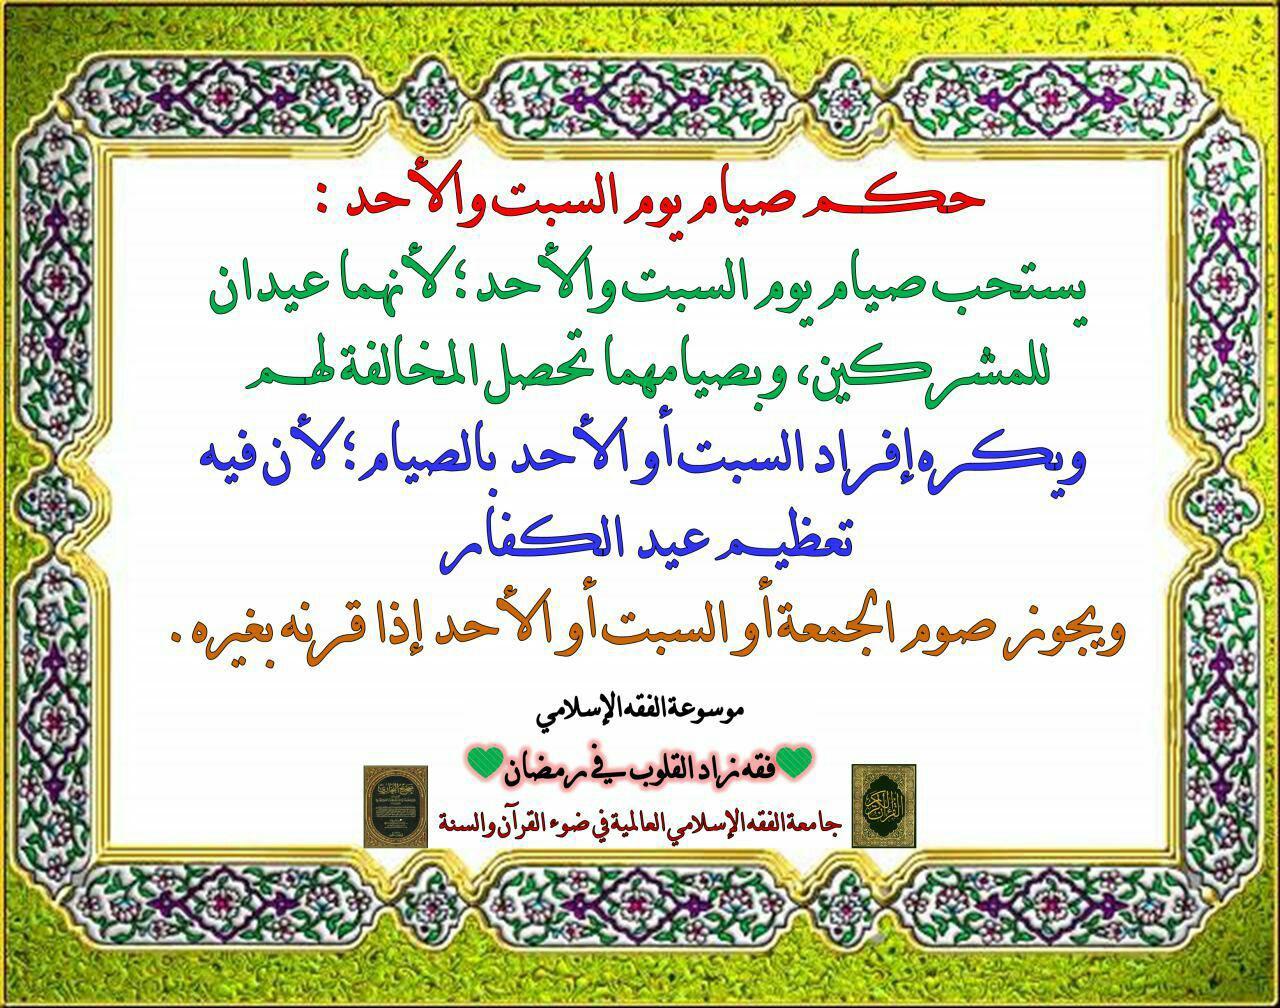 سؤال وفتوى ما حكم صيام يوم الجمعة الدين أخلاق وأدب